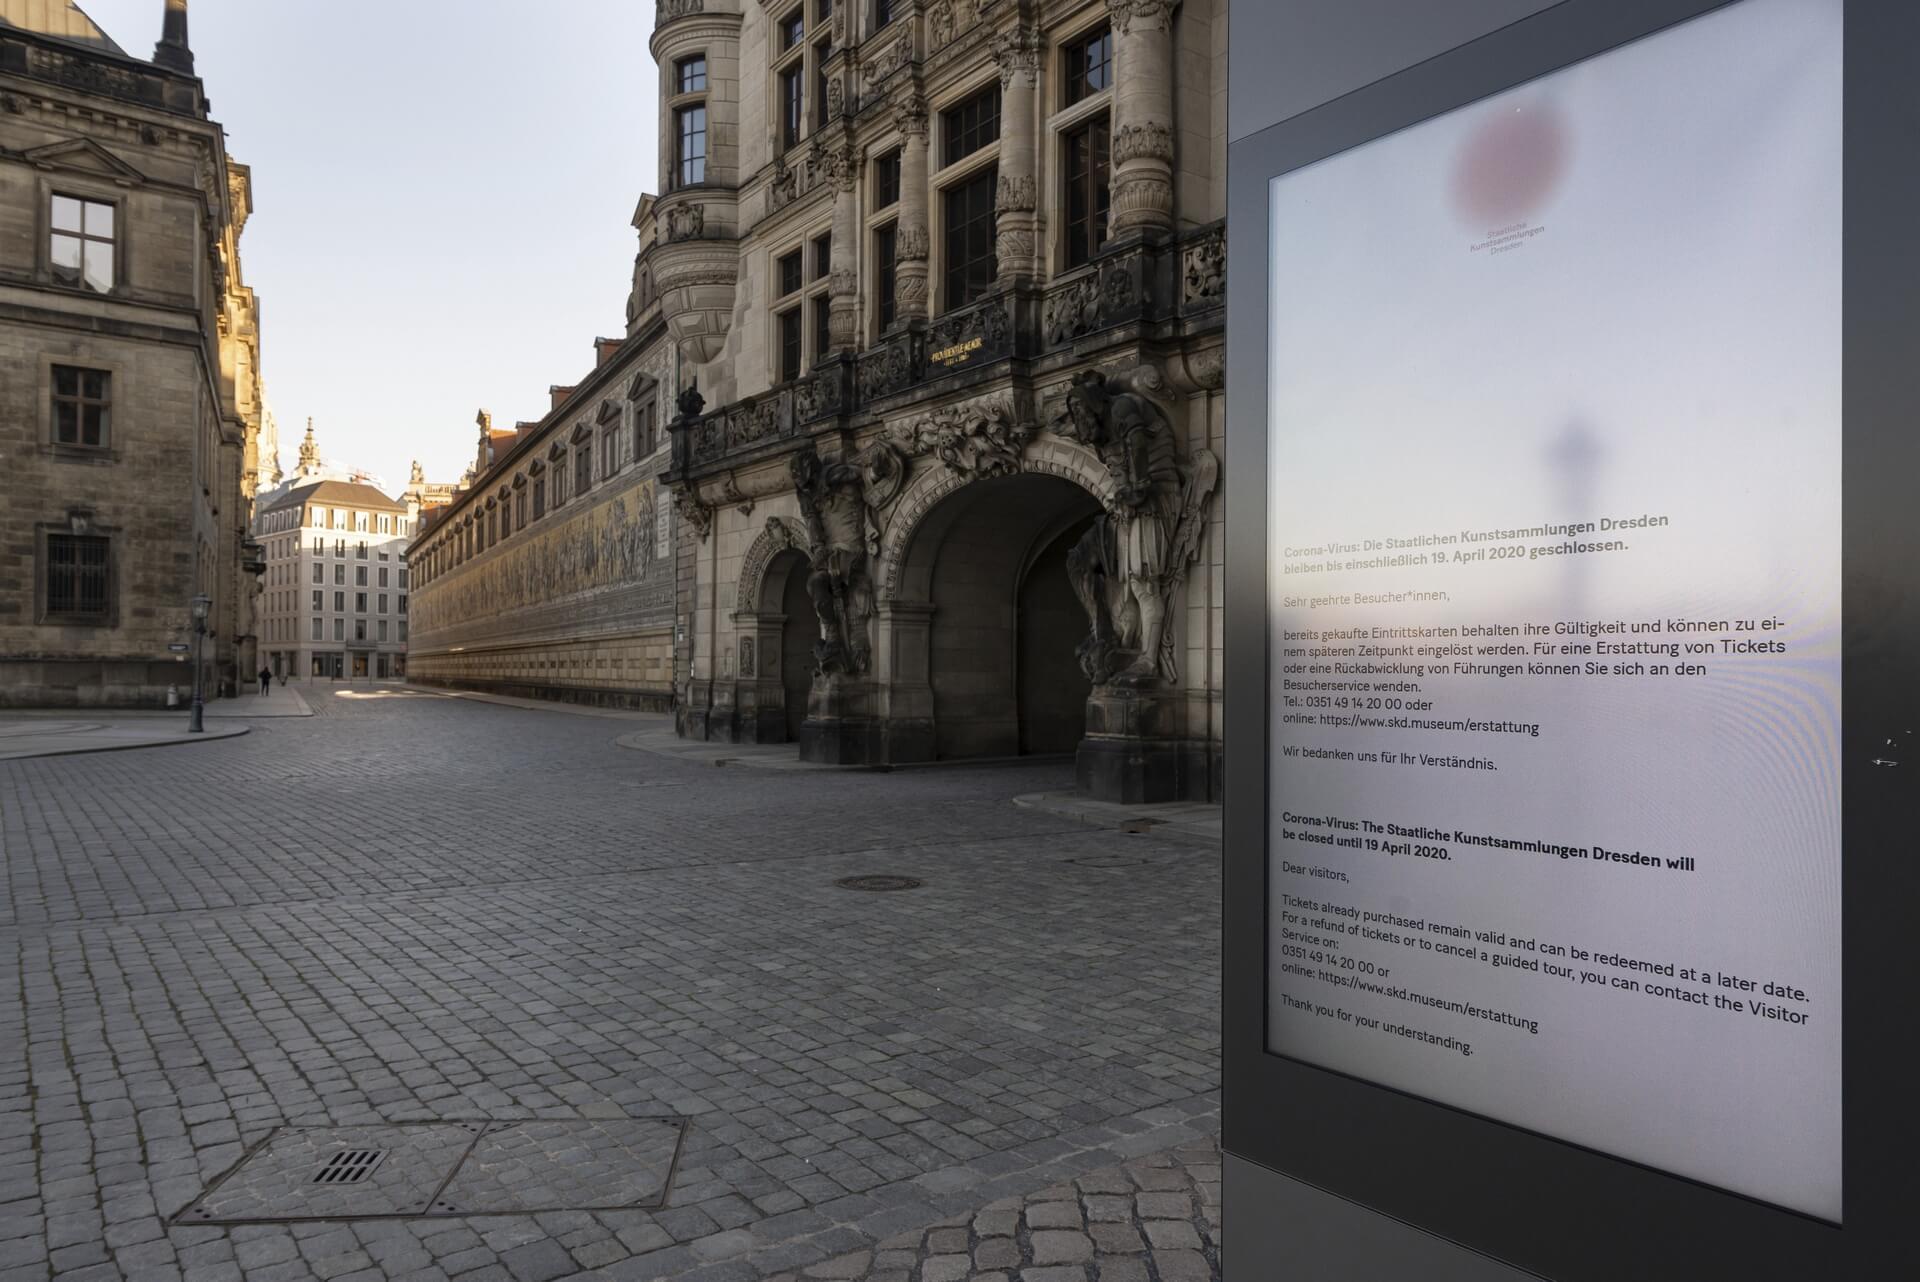 Dresden: Georgentor, Fürstenzug, Frühjahr 2020, Eindrücke von der Ausgangsbeschränkung während der COVID-19 Pandemie